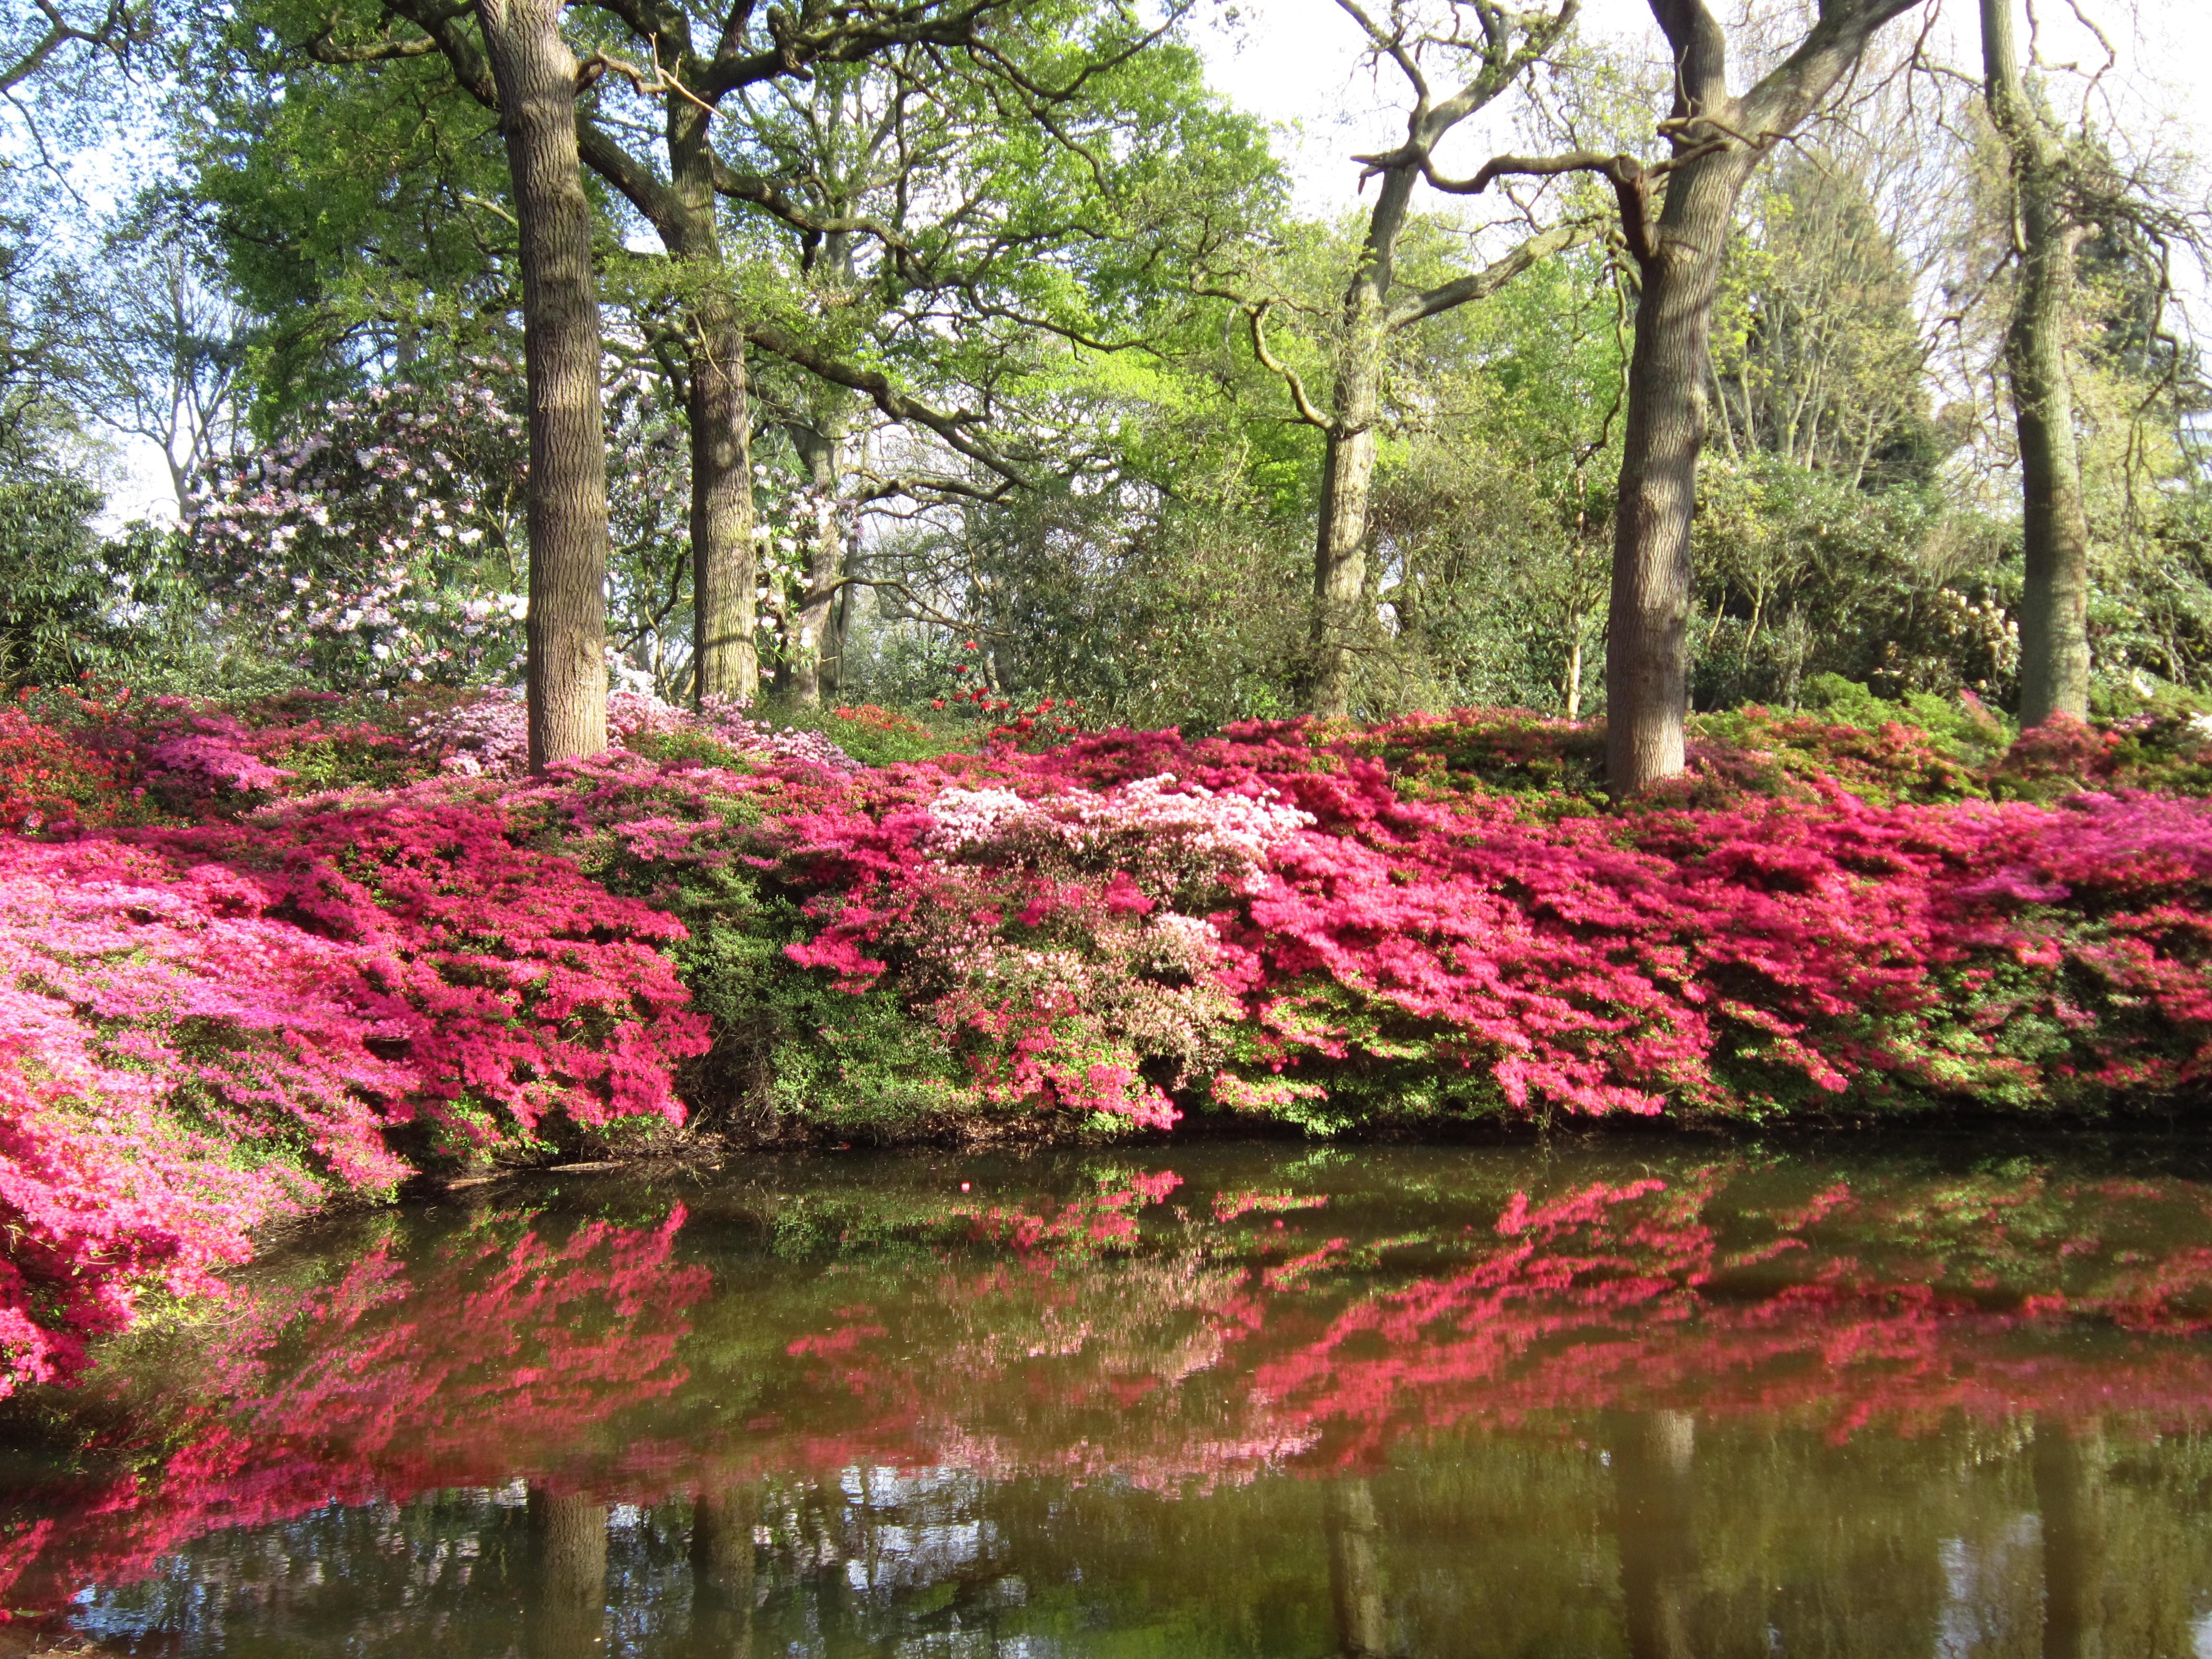 images gratuites : arbre, fleur, feuille, étang, l'automne, flore